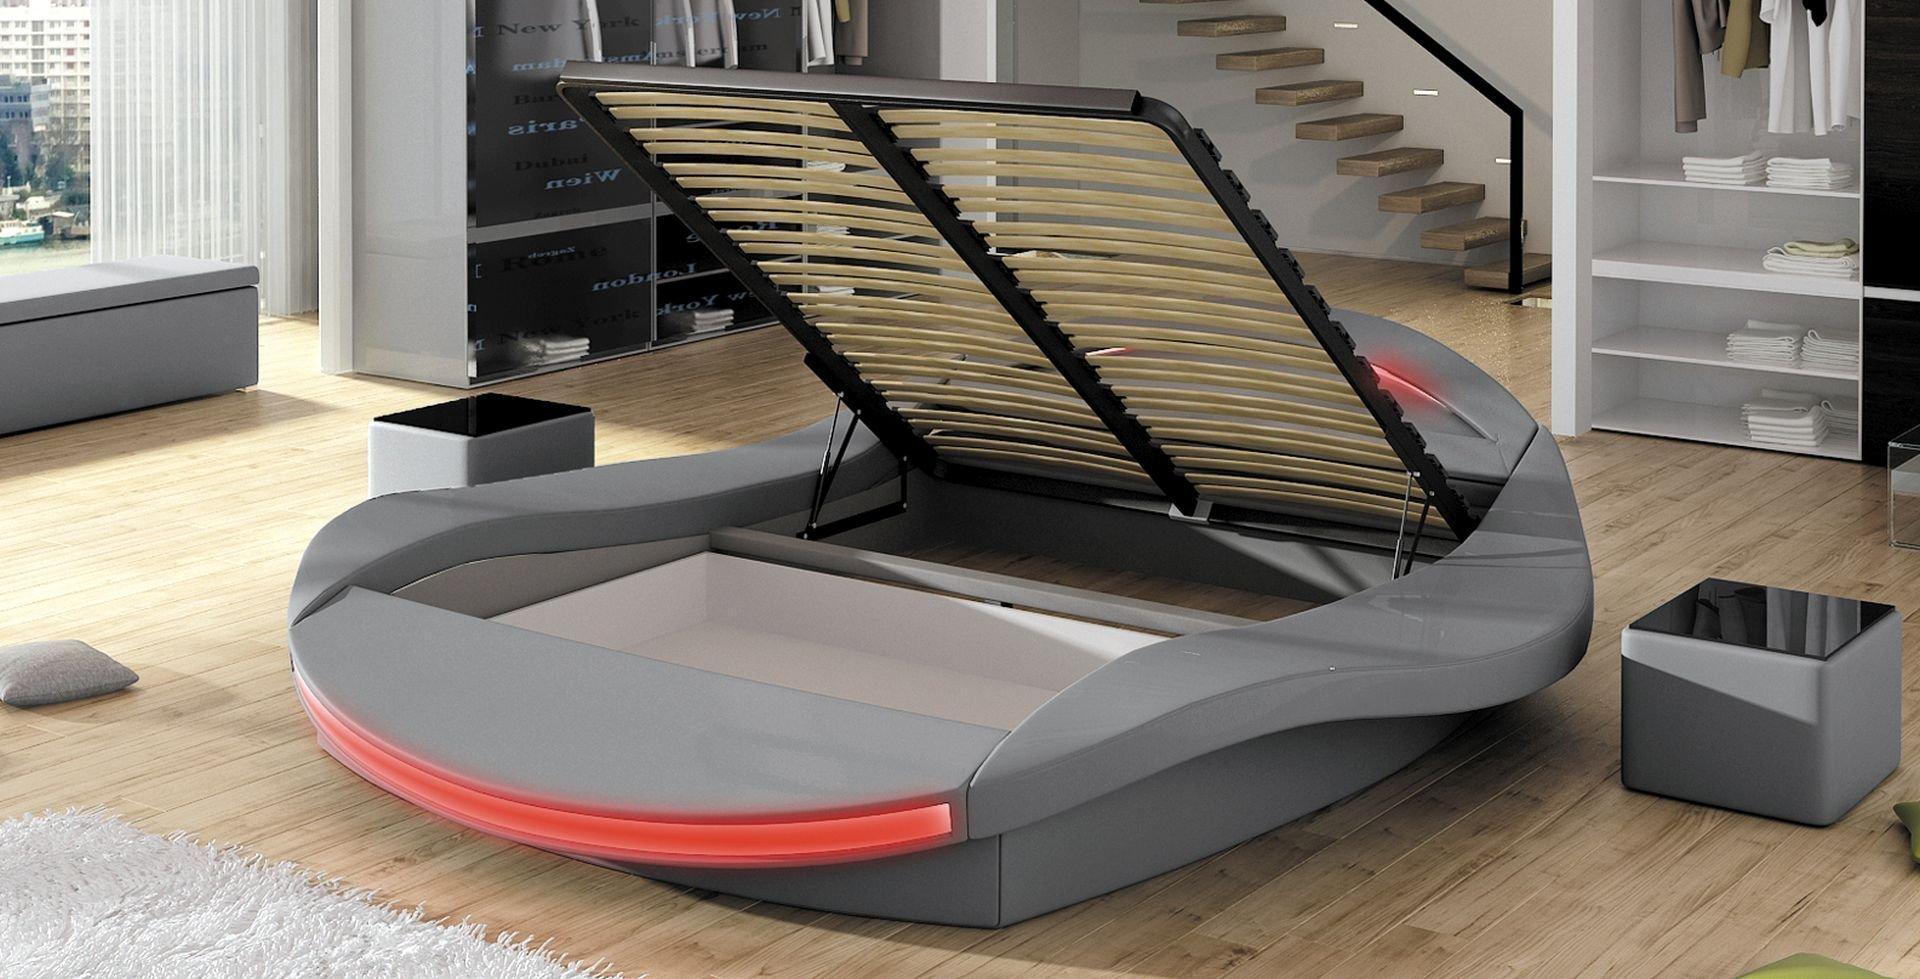 Lit à Led Intégré Design Fiona Avec Sommier Relevable MEUBLER DESIGN - Lit design a led